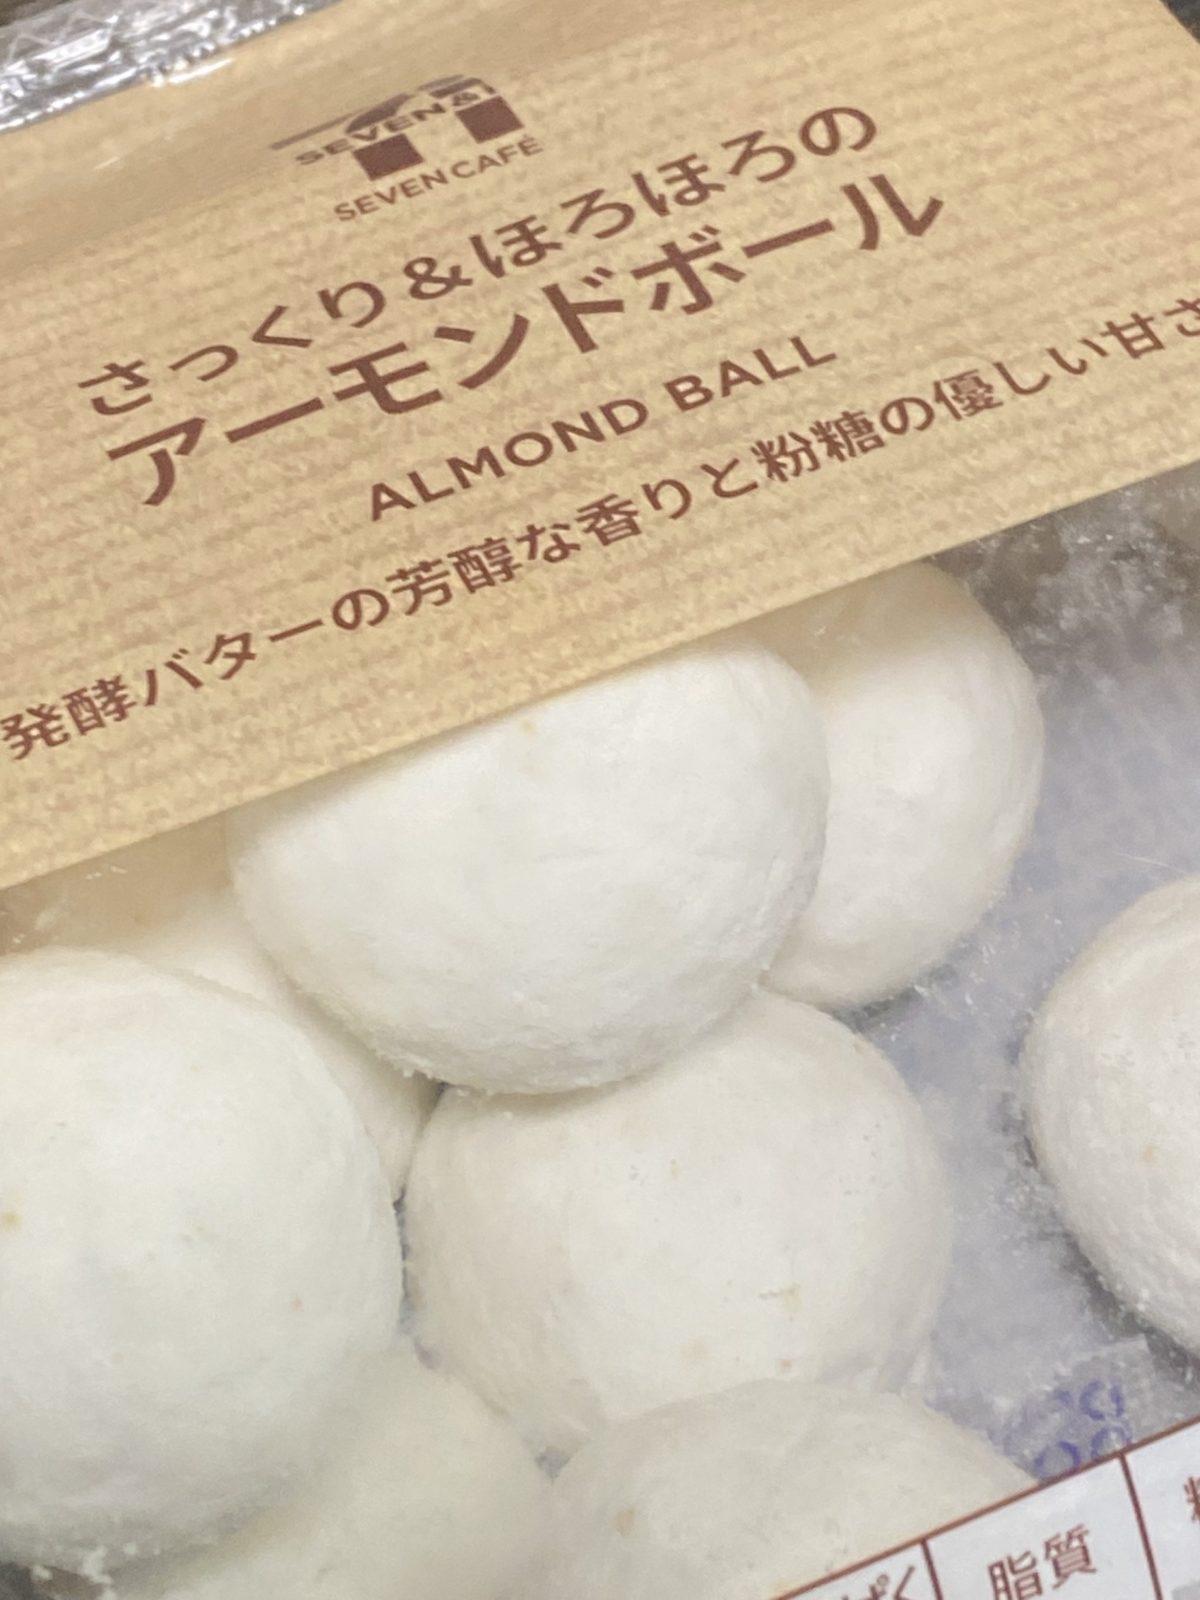 セブンプレミアムのさっくり&ほろほろのアーモンドボール